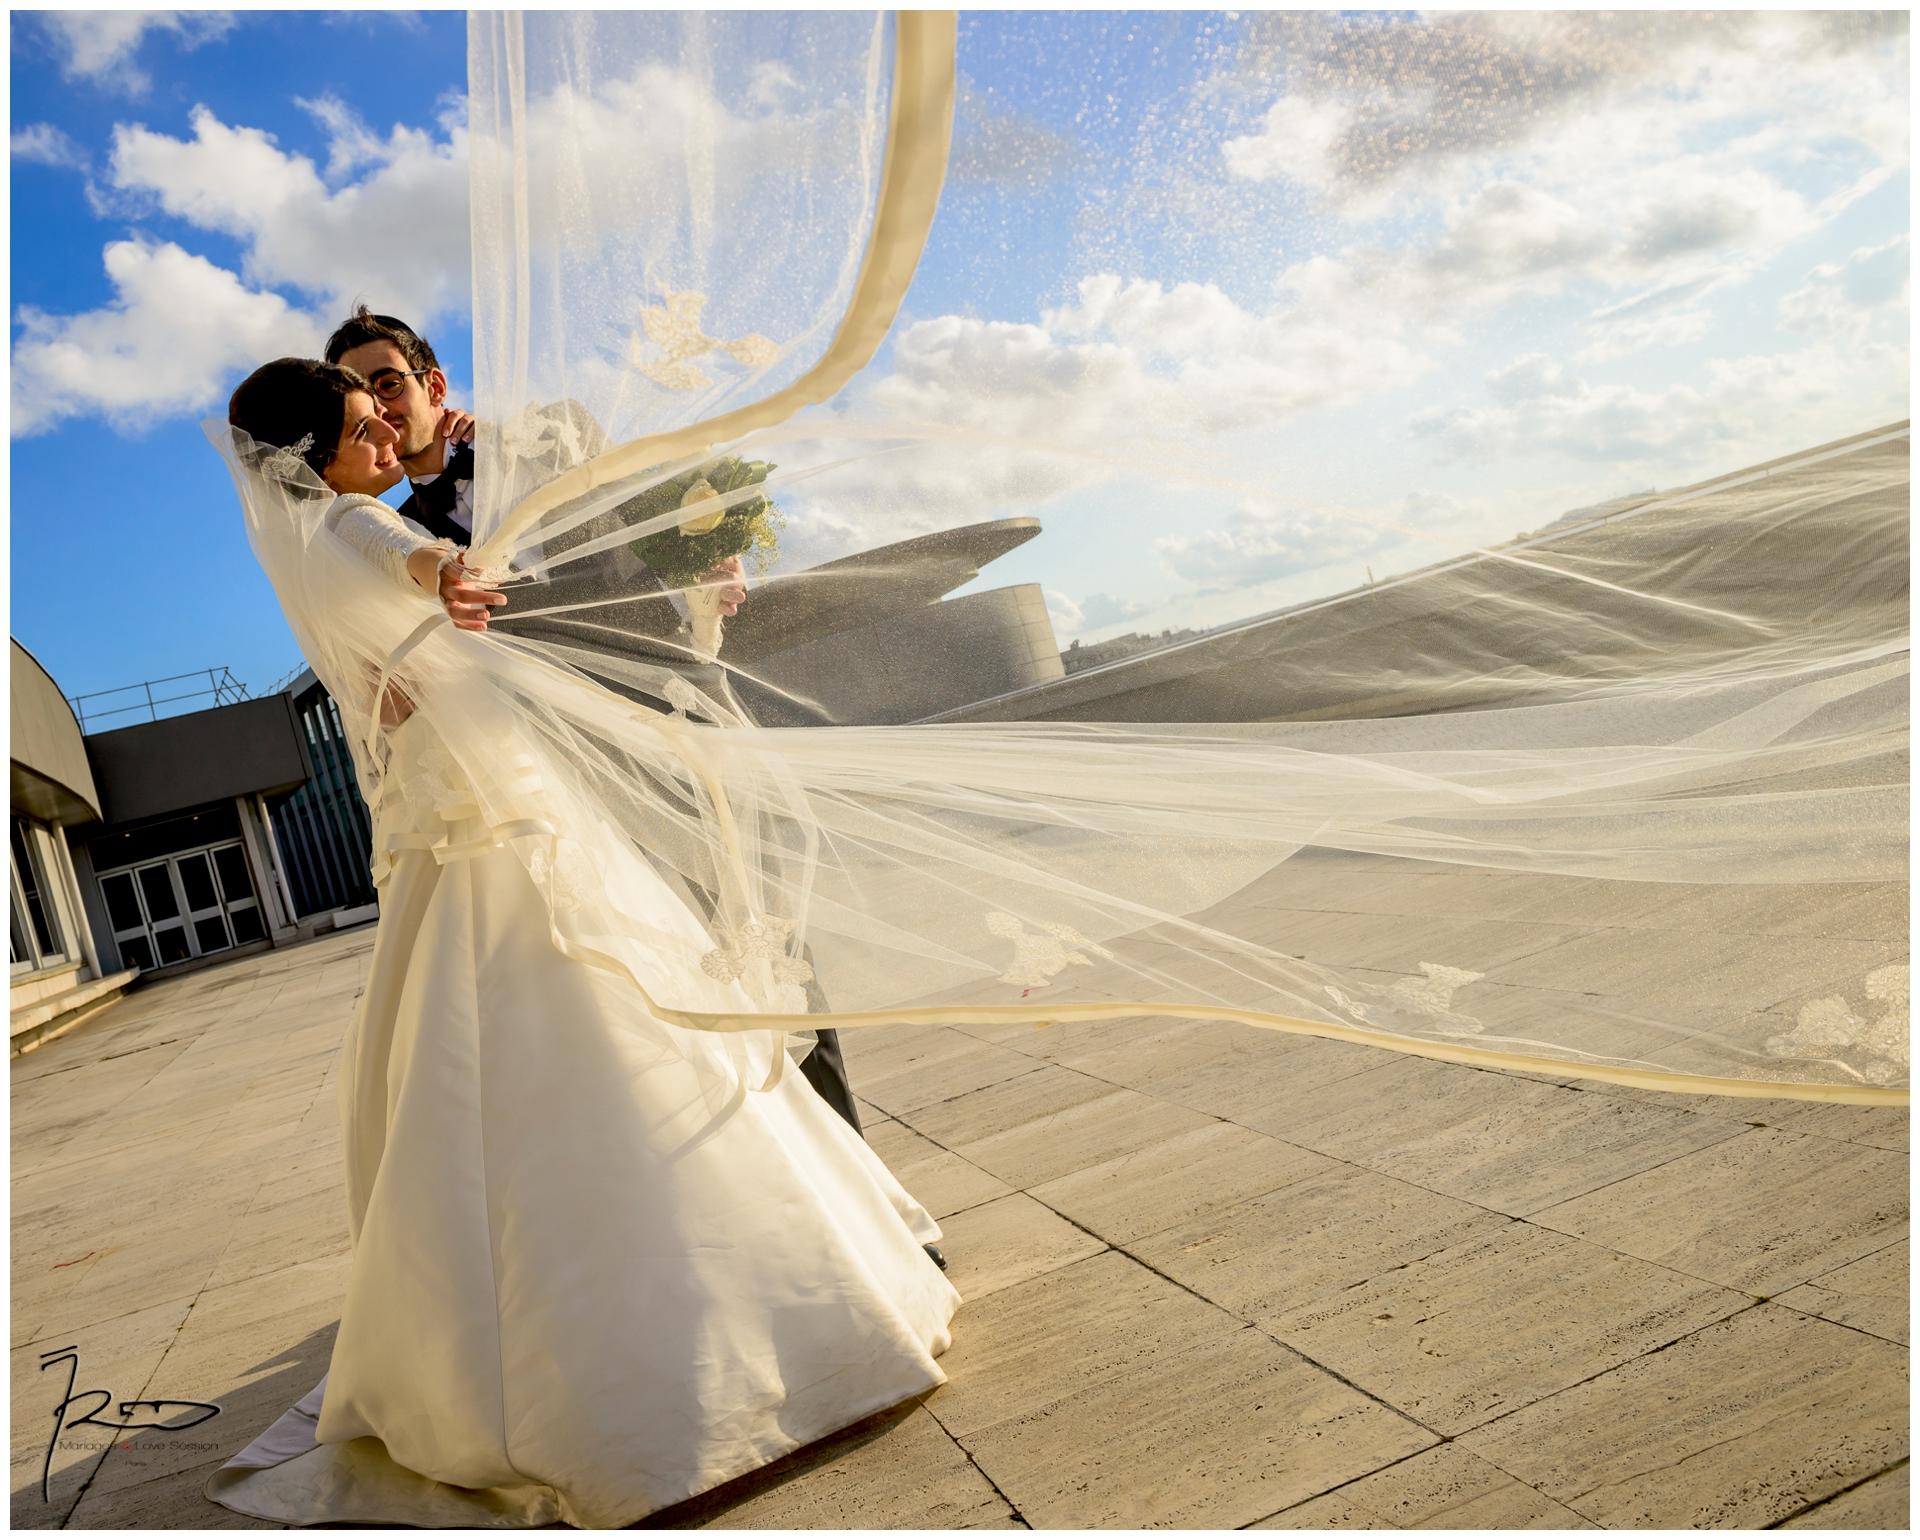 photographe mariage juif paris hyatt rgency photographe mariage juif de dborah uriel qui ont pris rendez vous un soir pour parler des photos de leur - Photographe Mariage Juif